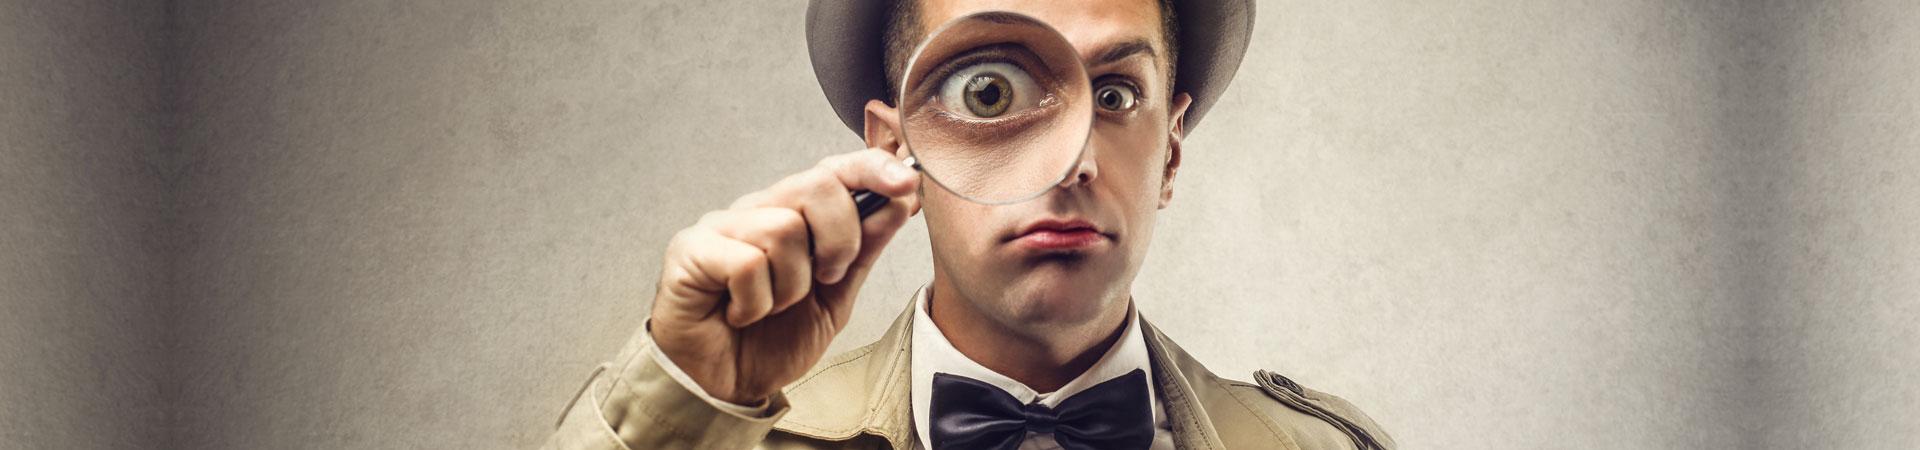 Die Bewertungsquote – Zahlen und Fakten zu einem Mysterium des E-Commerce